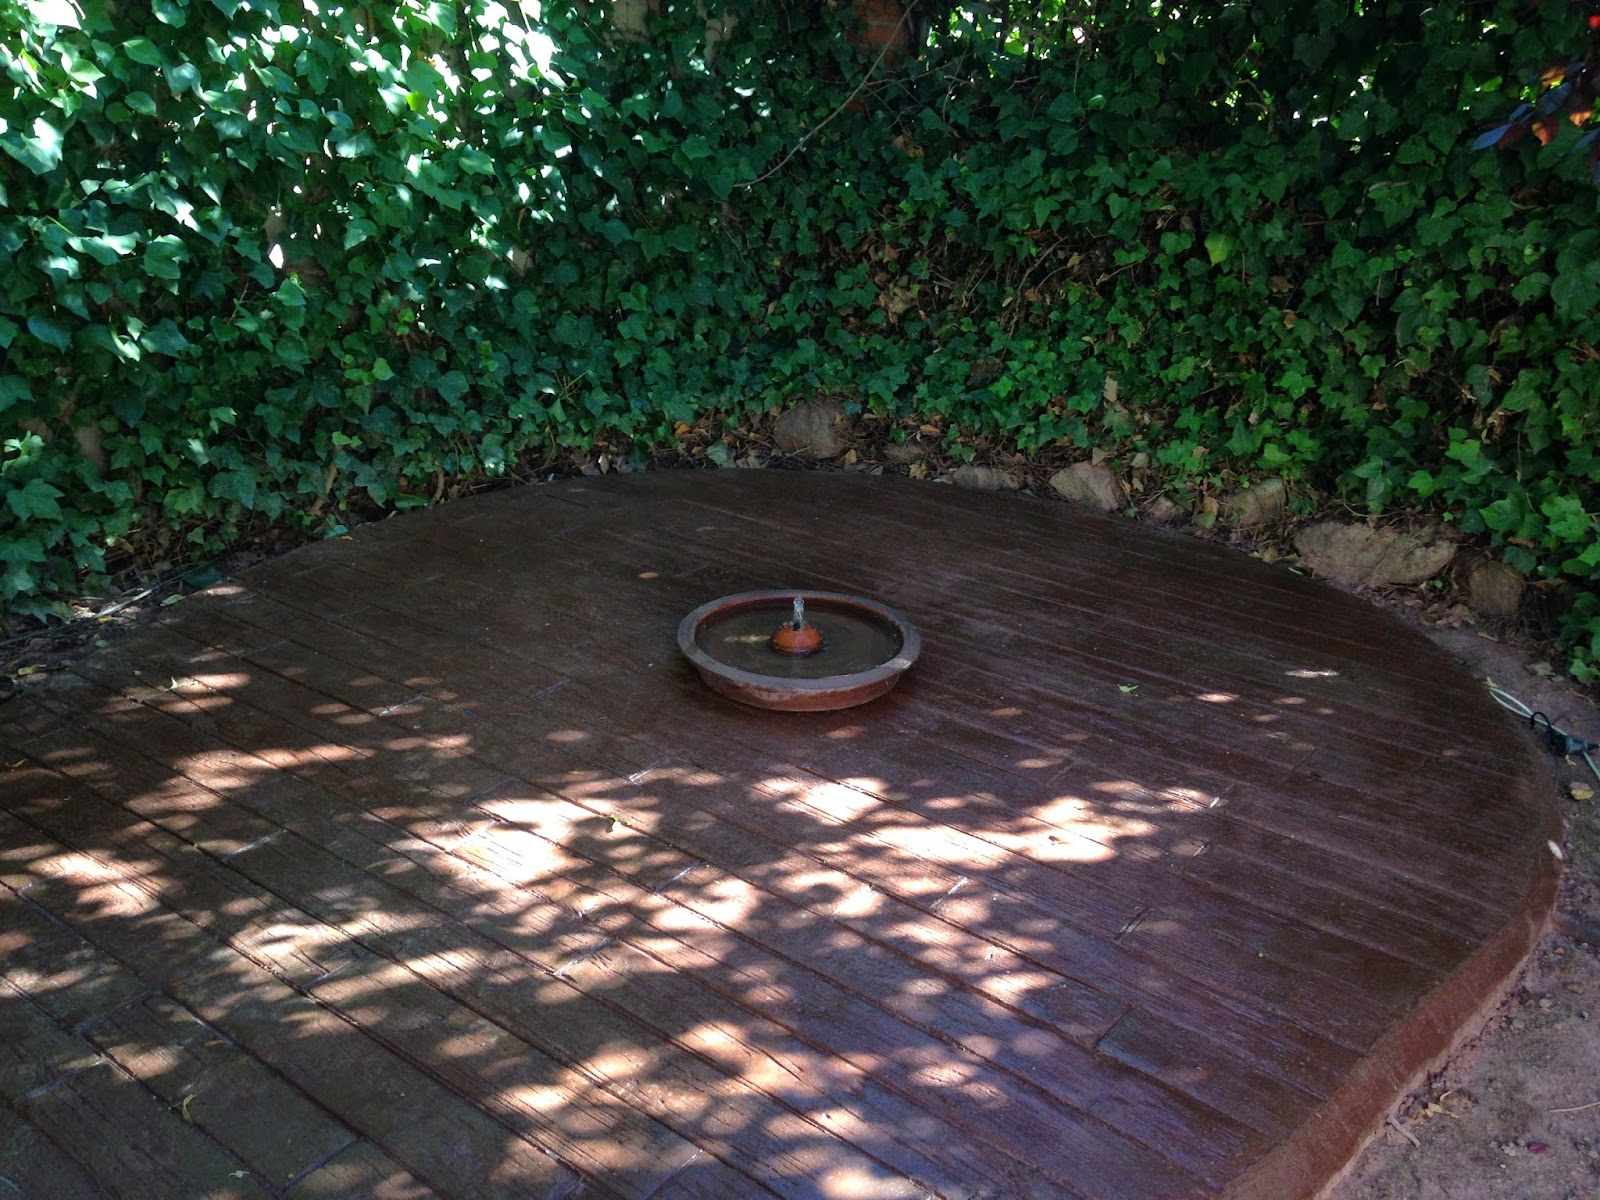 precioso rincn del jardin con el pavimento de hormign impreso en madera vieja